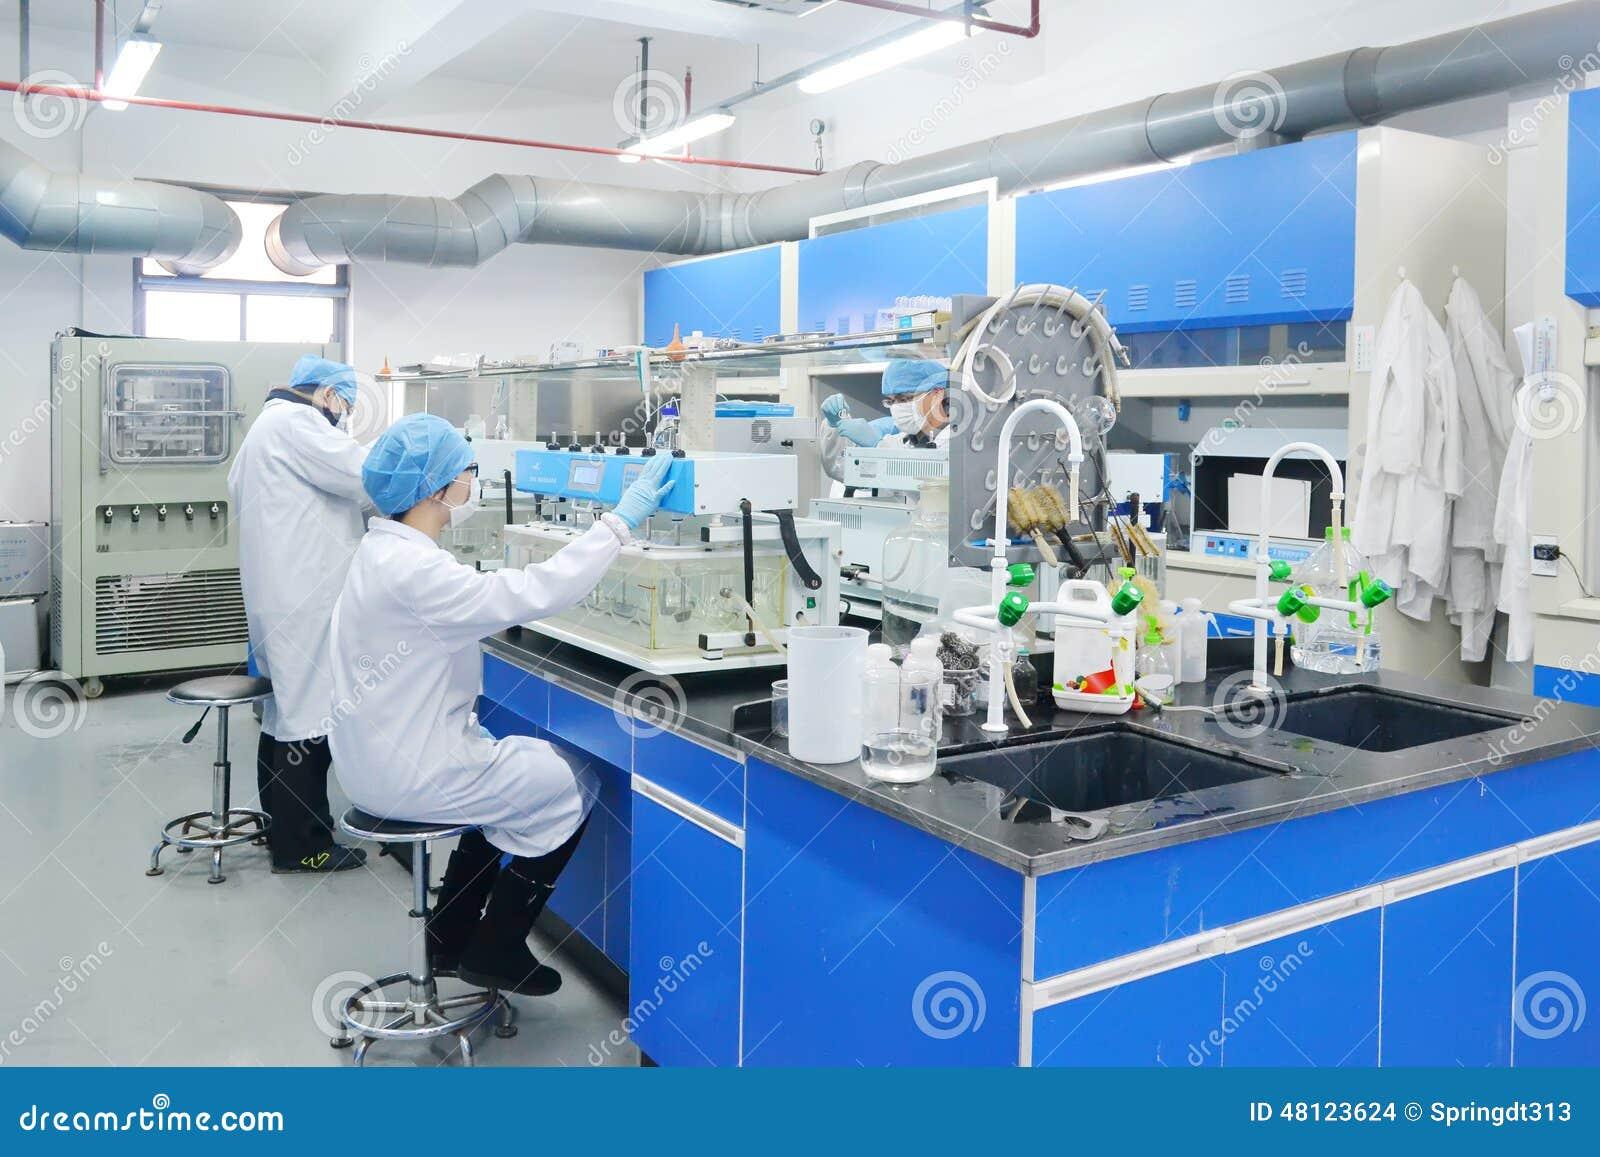 Study on chemistry center